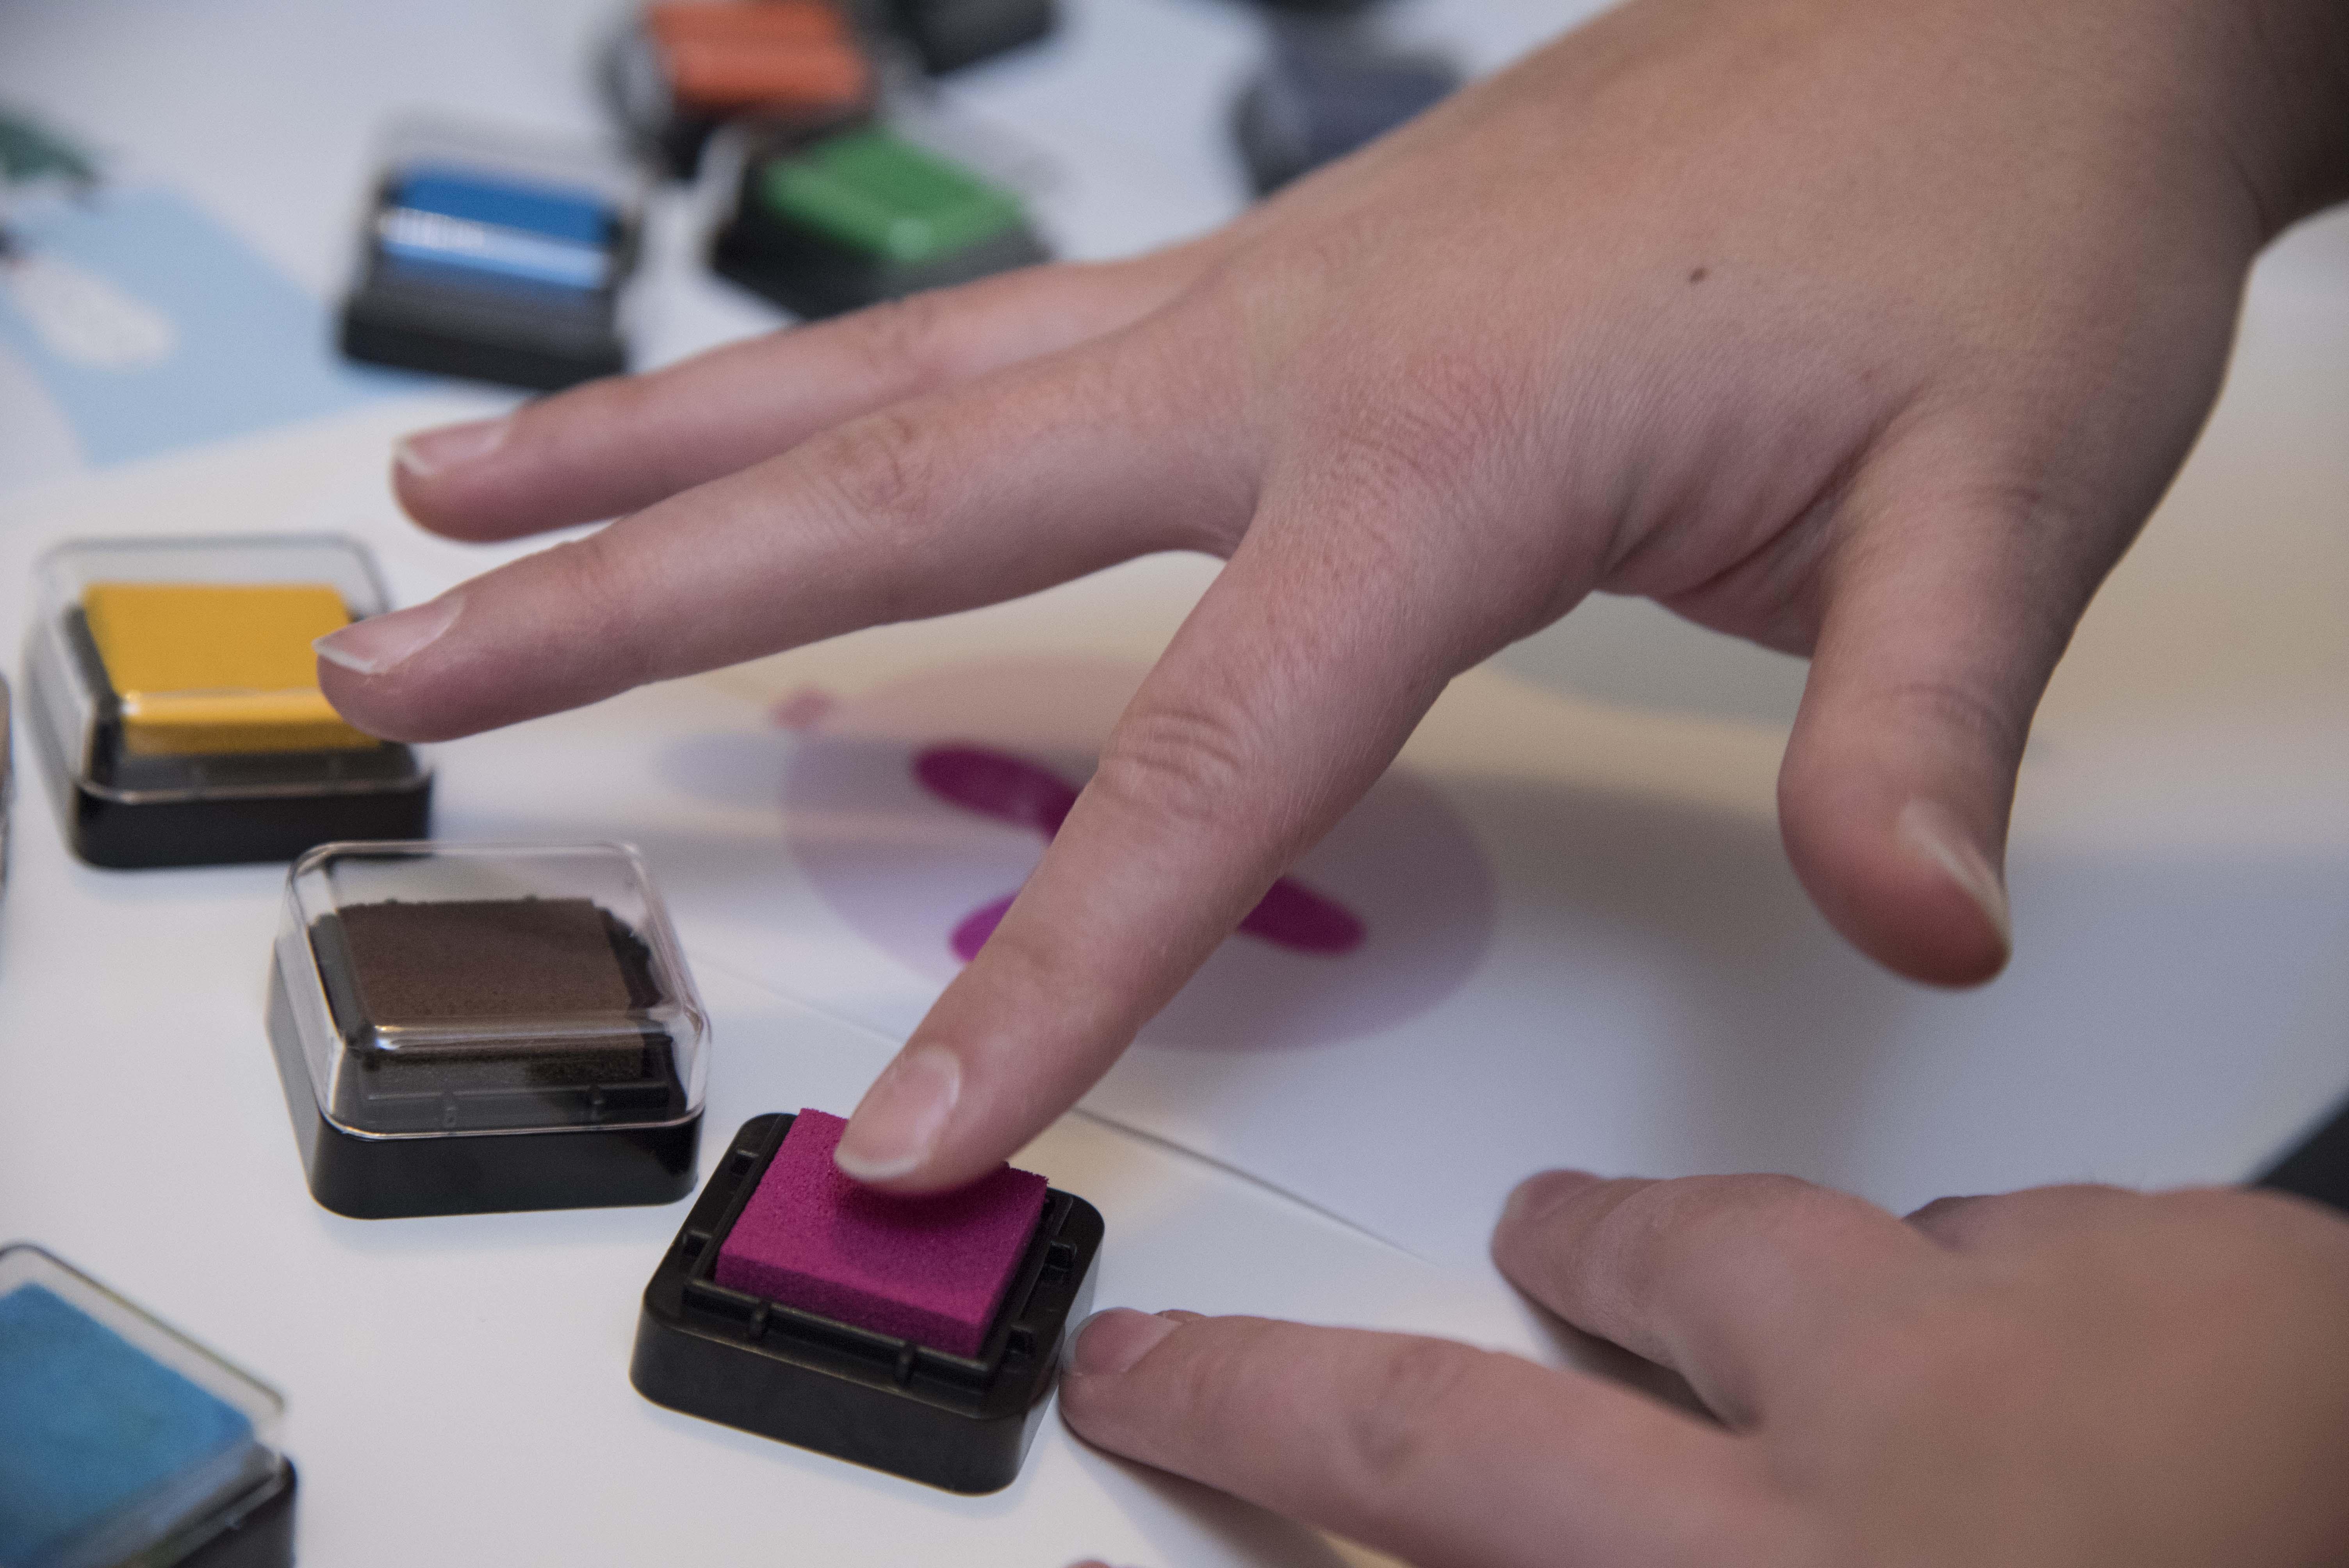 fingerprint_02.jpg